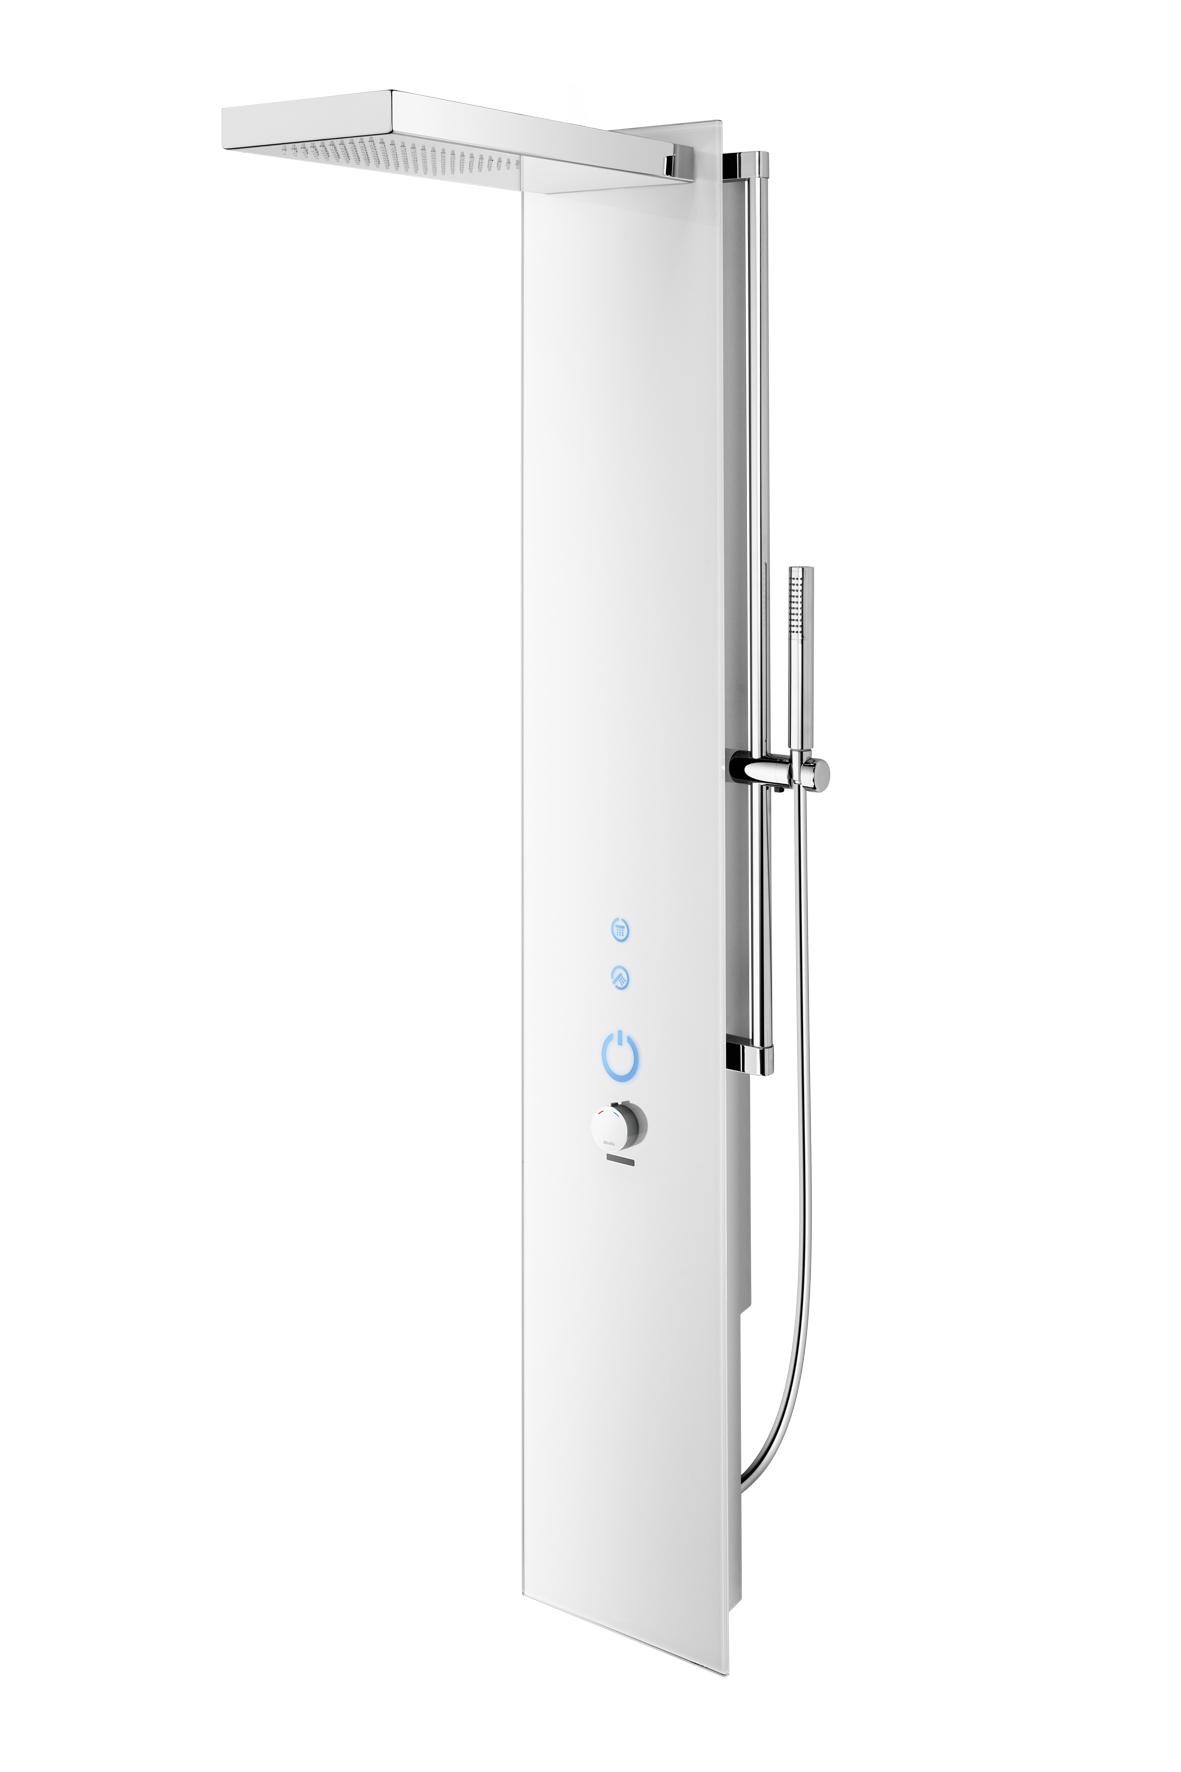 wimtec ocean p7 elektronisches duschpaneel mit thermostat f r netzbetrieb 12v glas wei. Black Bedroom Furniture Sets. Home Design Ideas